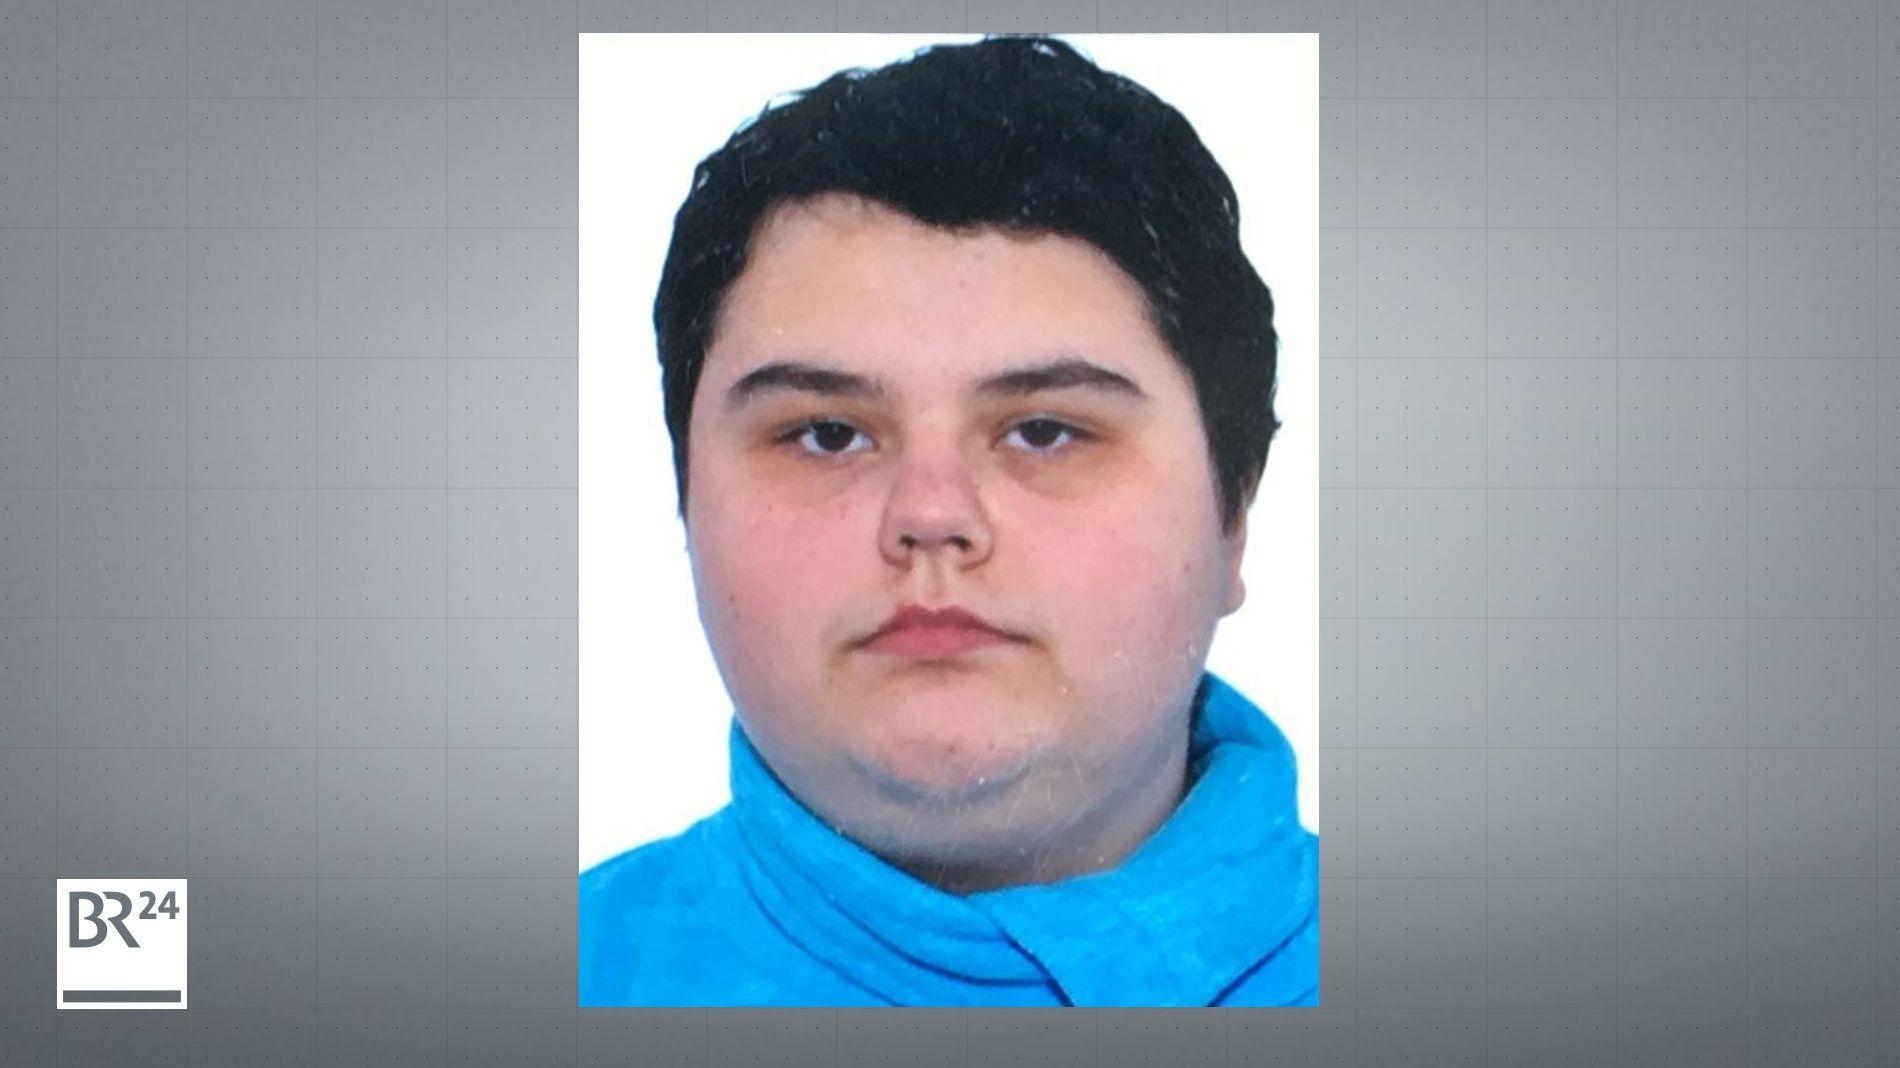 Seit Mittwoch wurde die 16 Jahre alte Zarina Brandl vermisst.